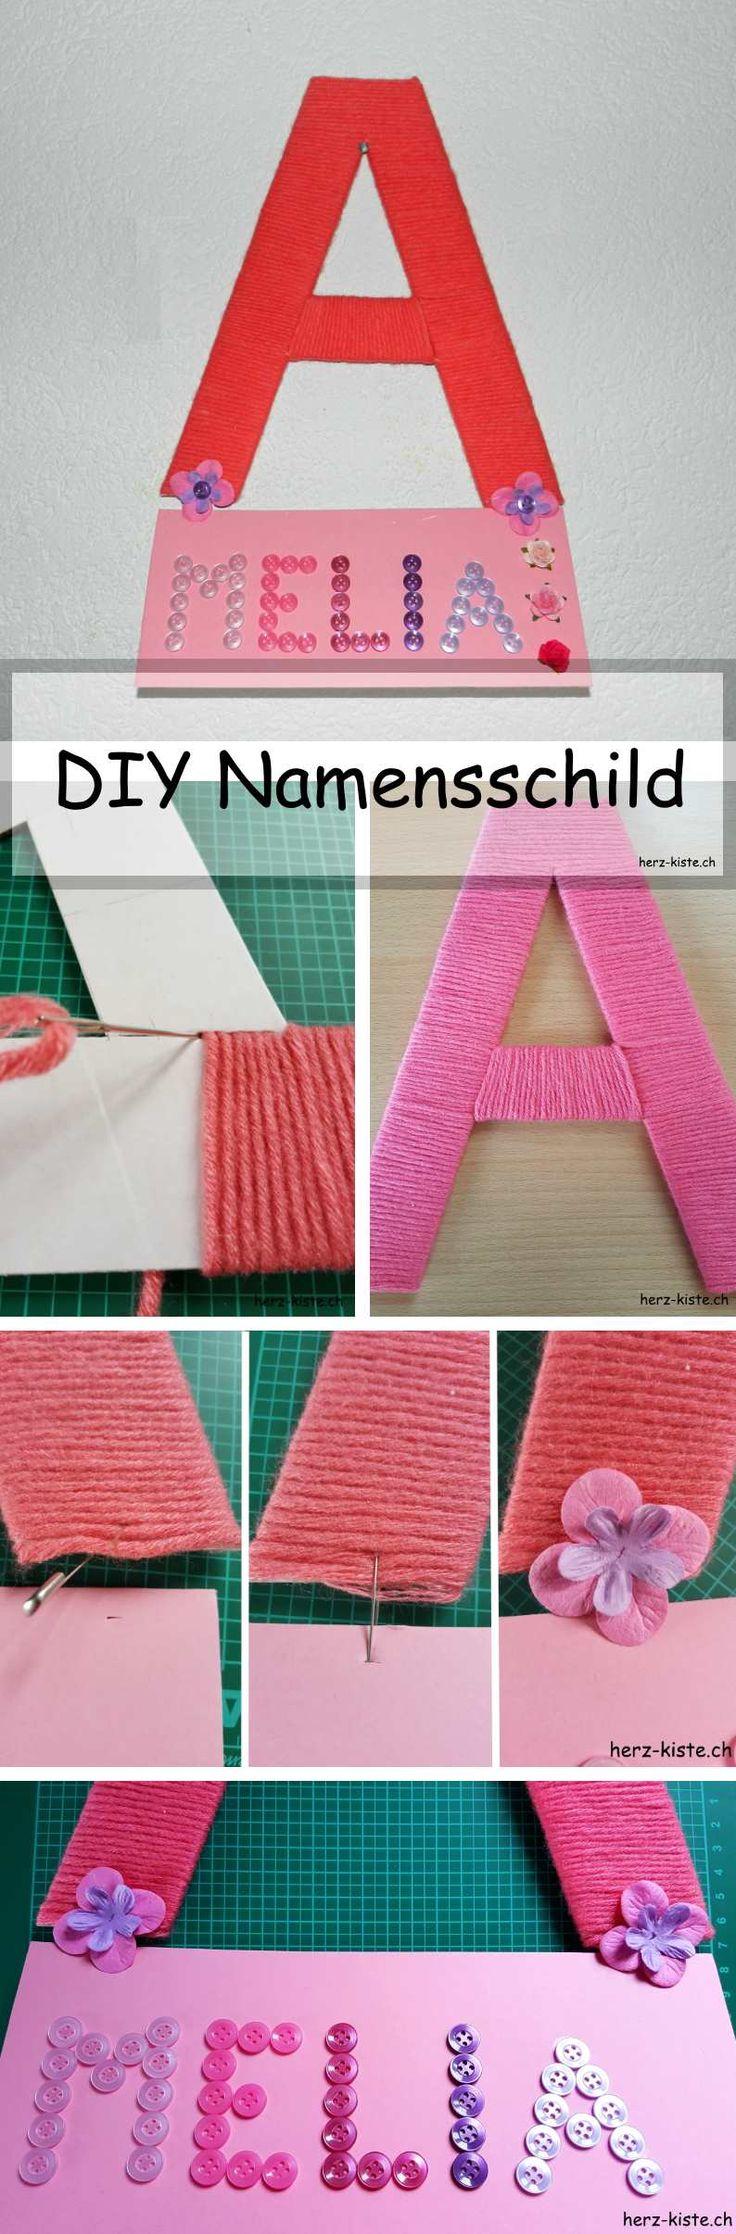 Fancy DIY Namensschild aus Karton und Wolle einen Buchstaben gestalten